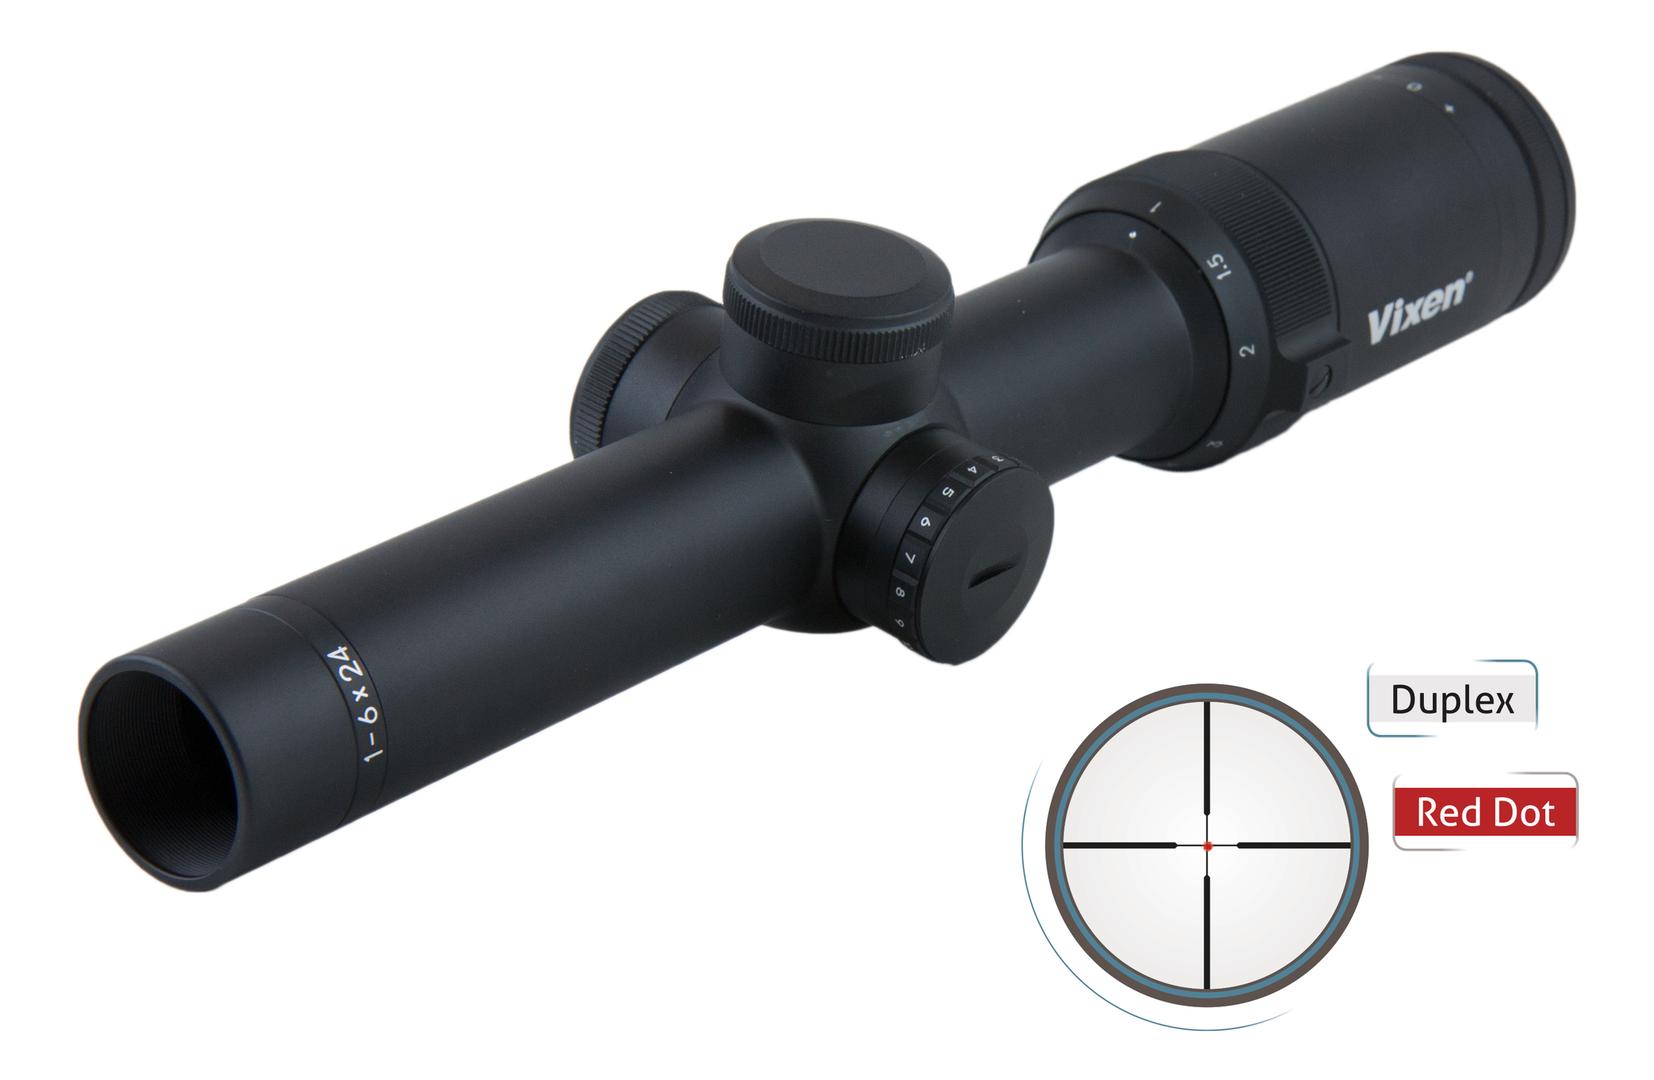 Zielfernrohr Mit Entfernungsmesser Reinigen : Zielfernrohr vixen 1 6x24 duplex mit leuchtabsehen 6x zoom